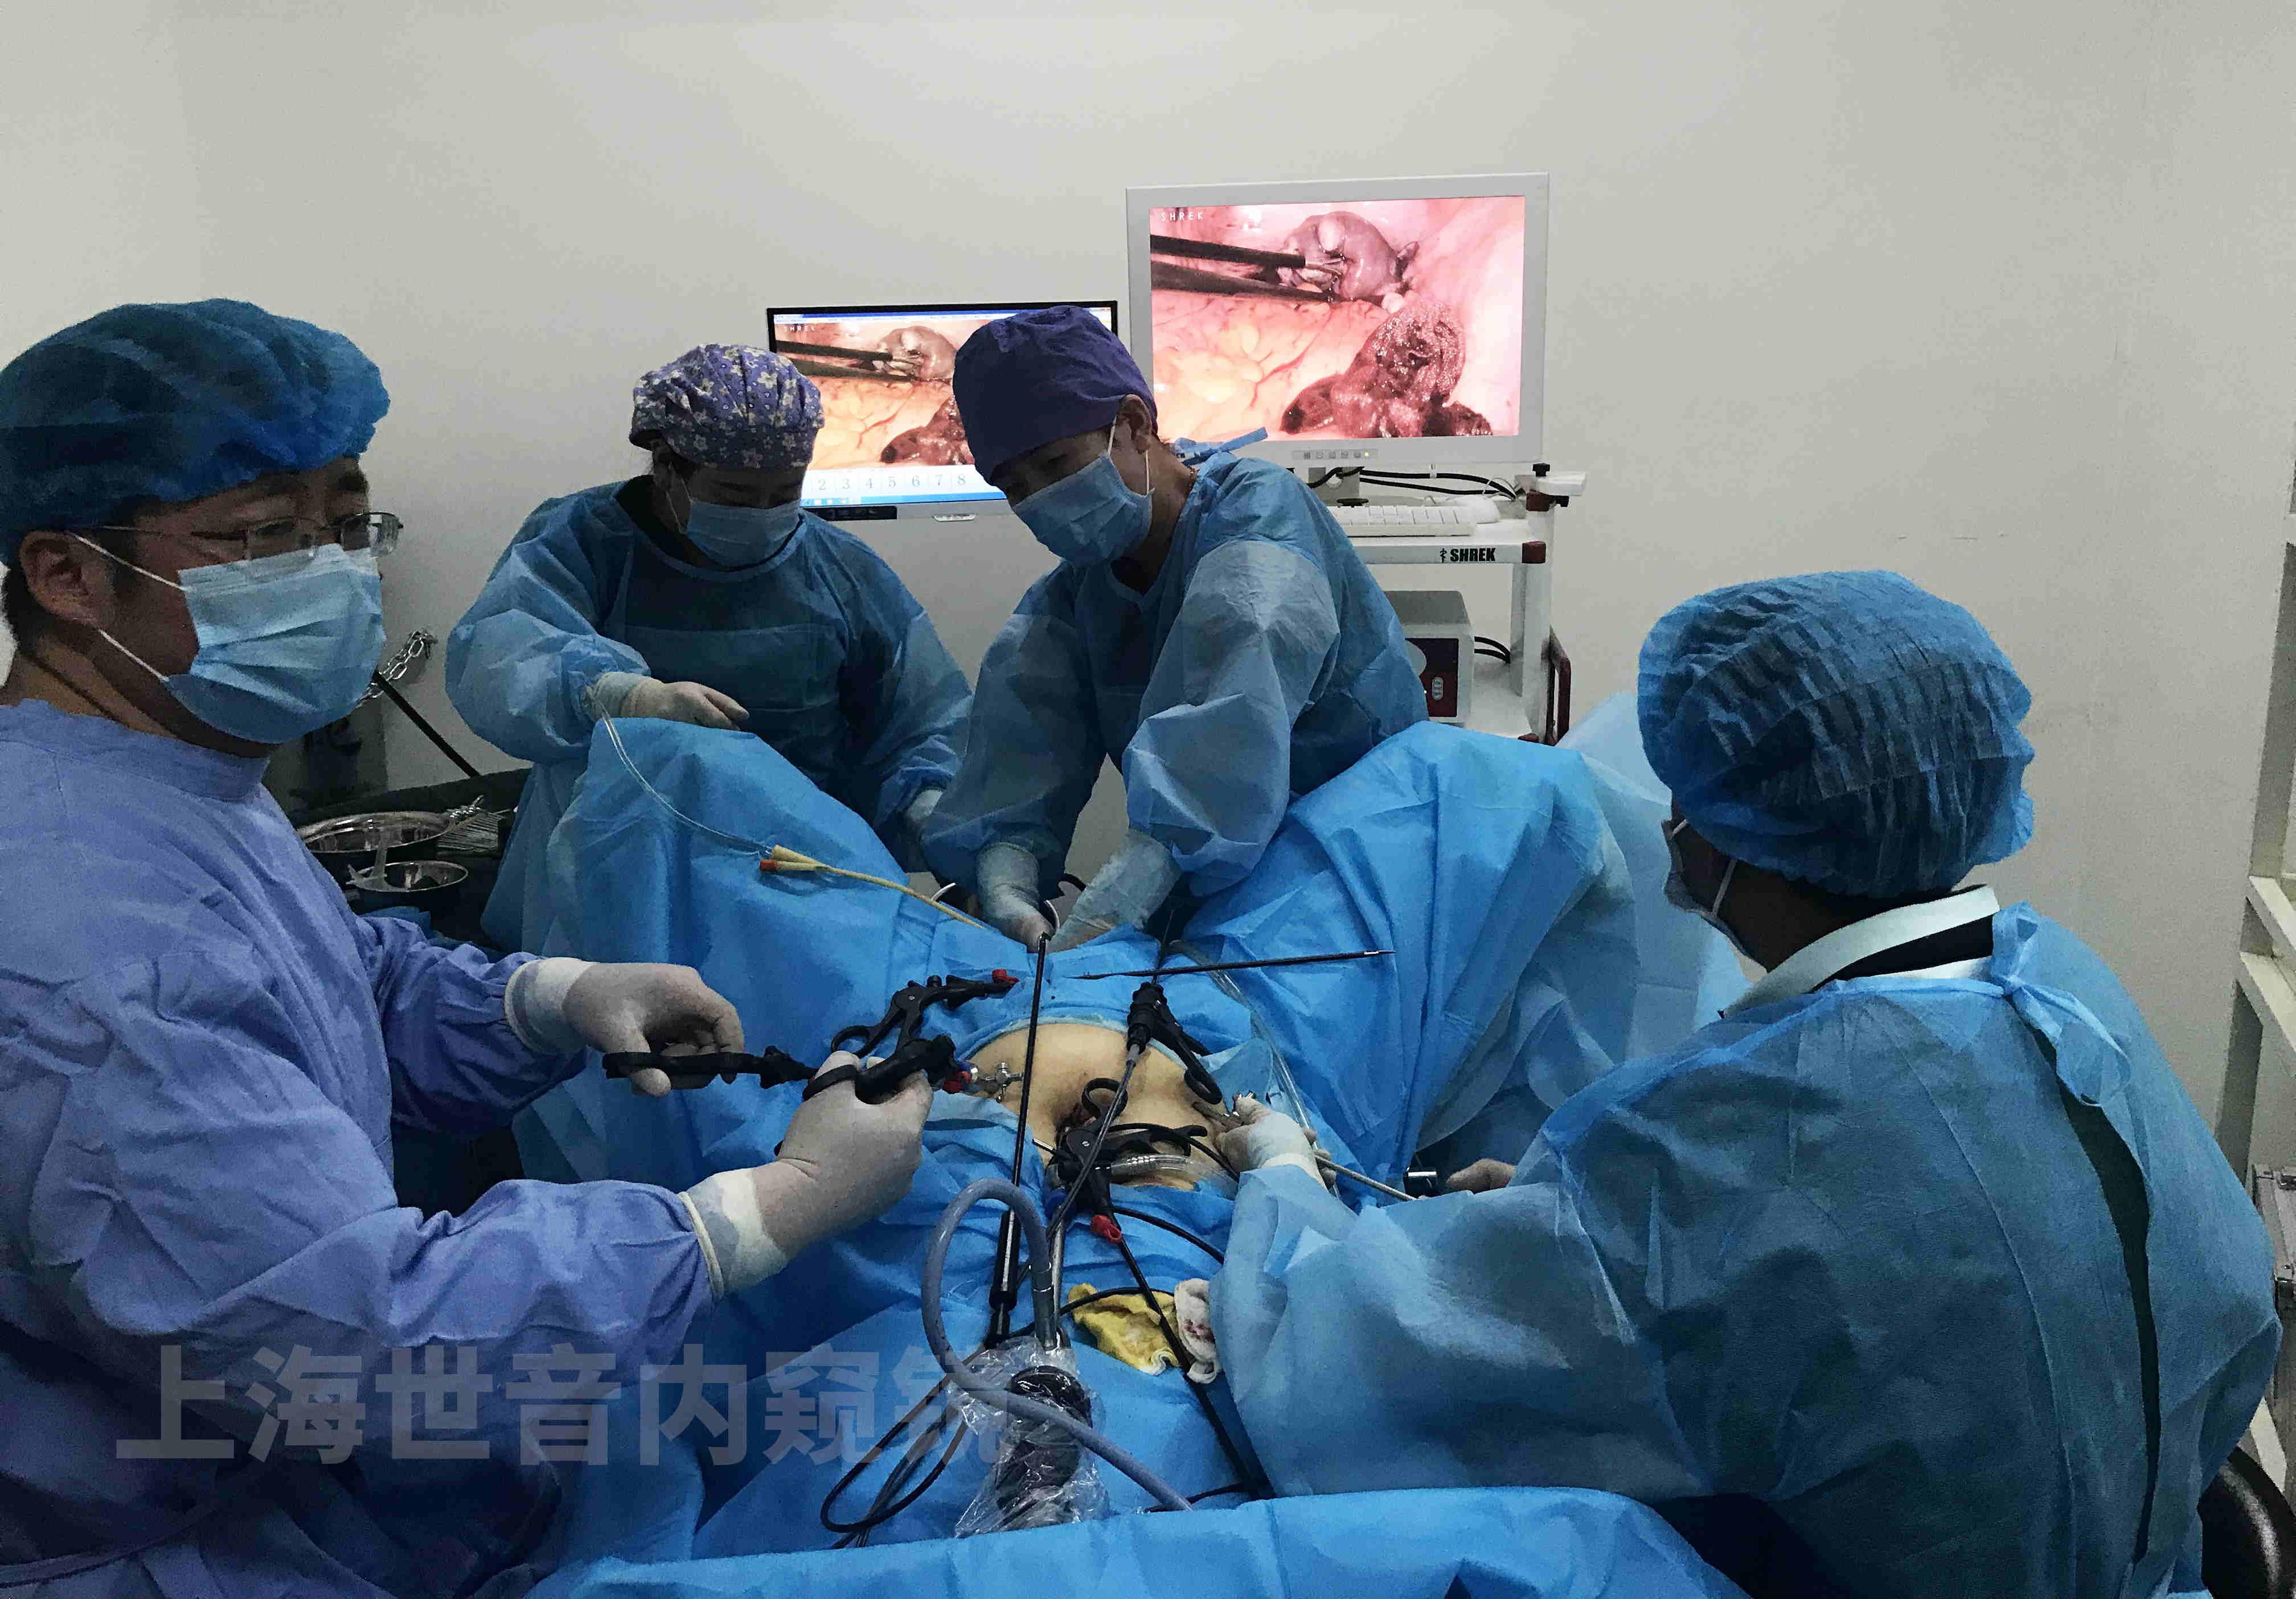 【腹腔镜篇】静脉意外出血的处置应对